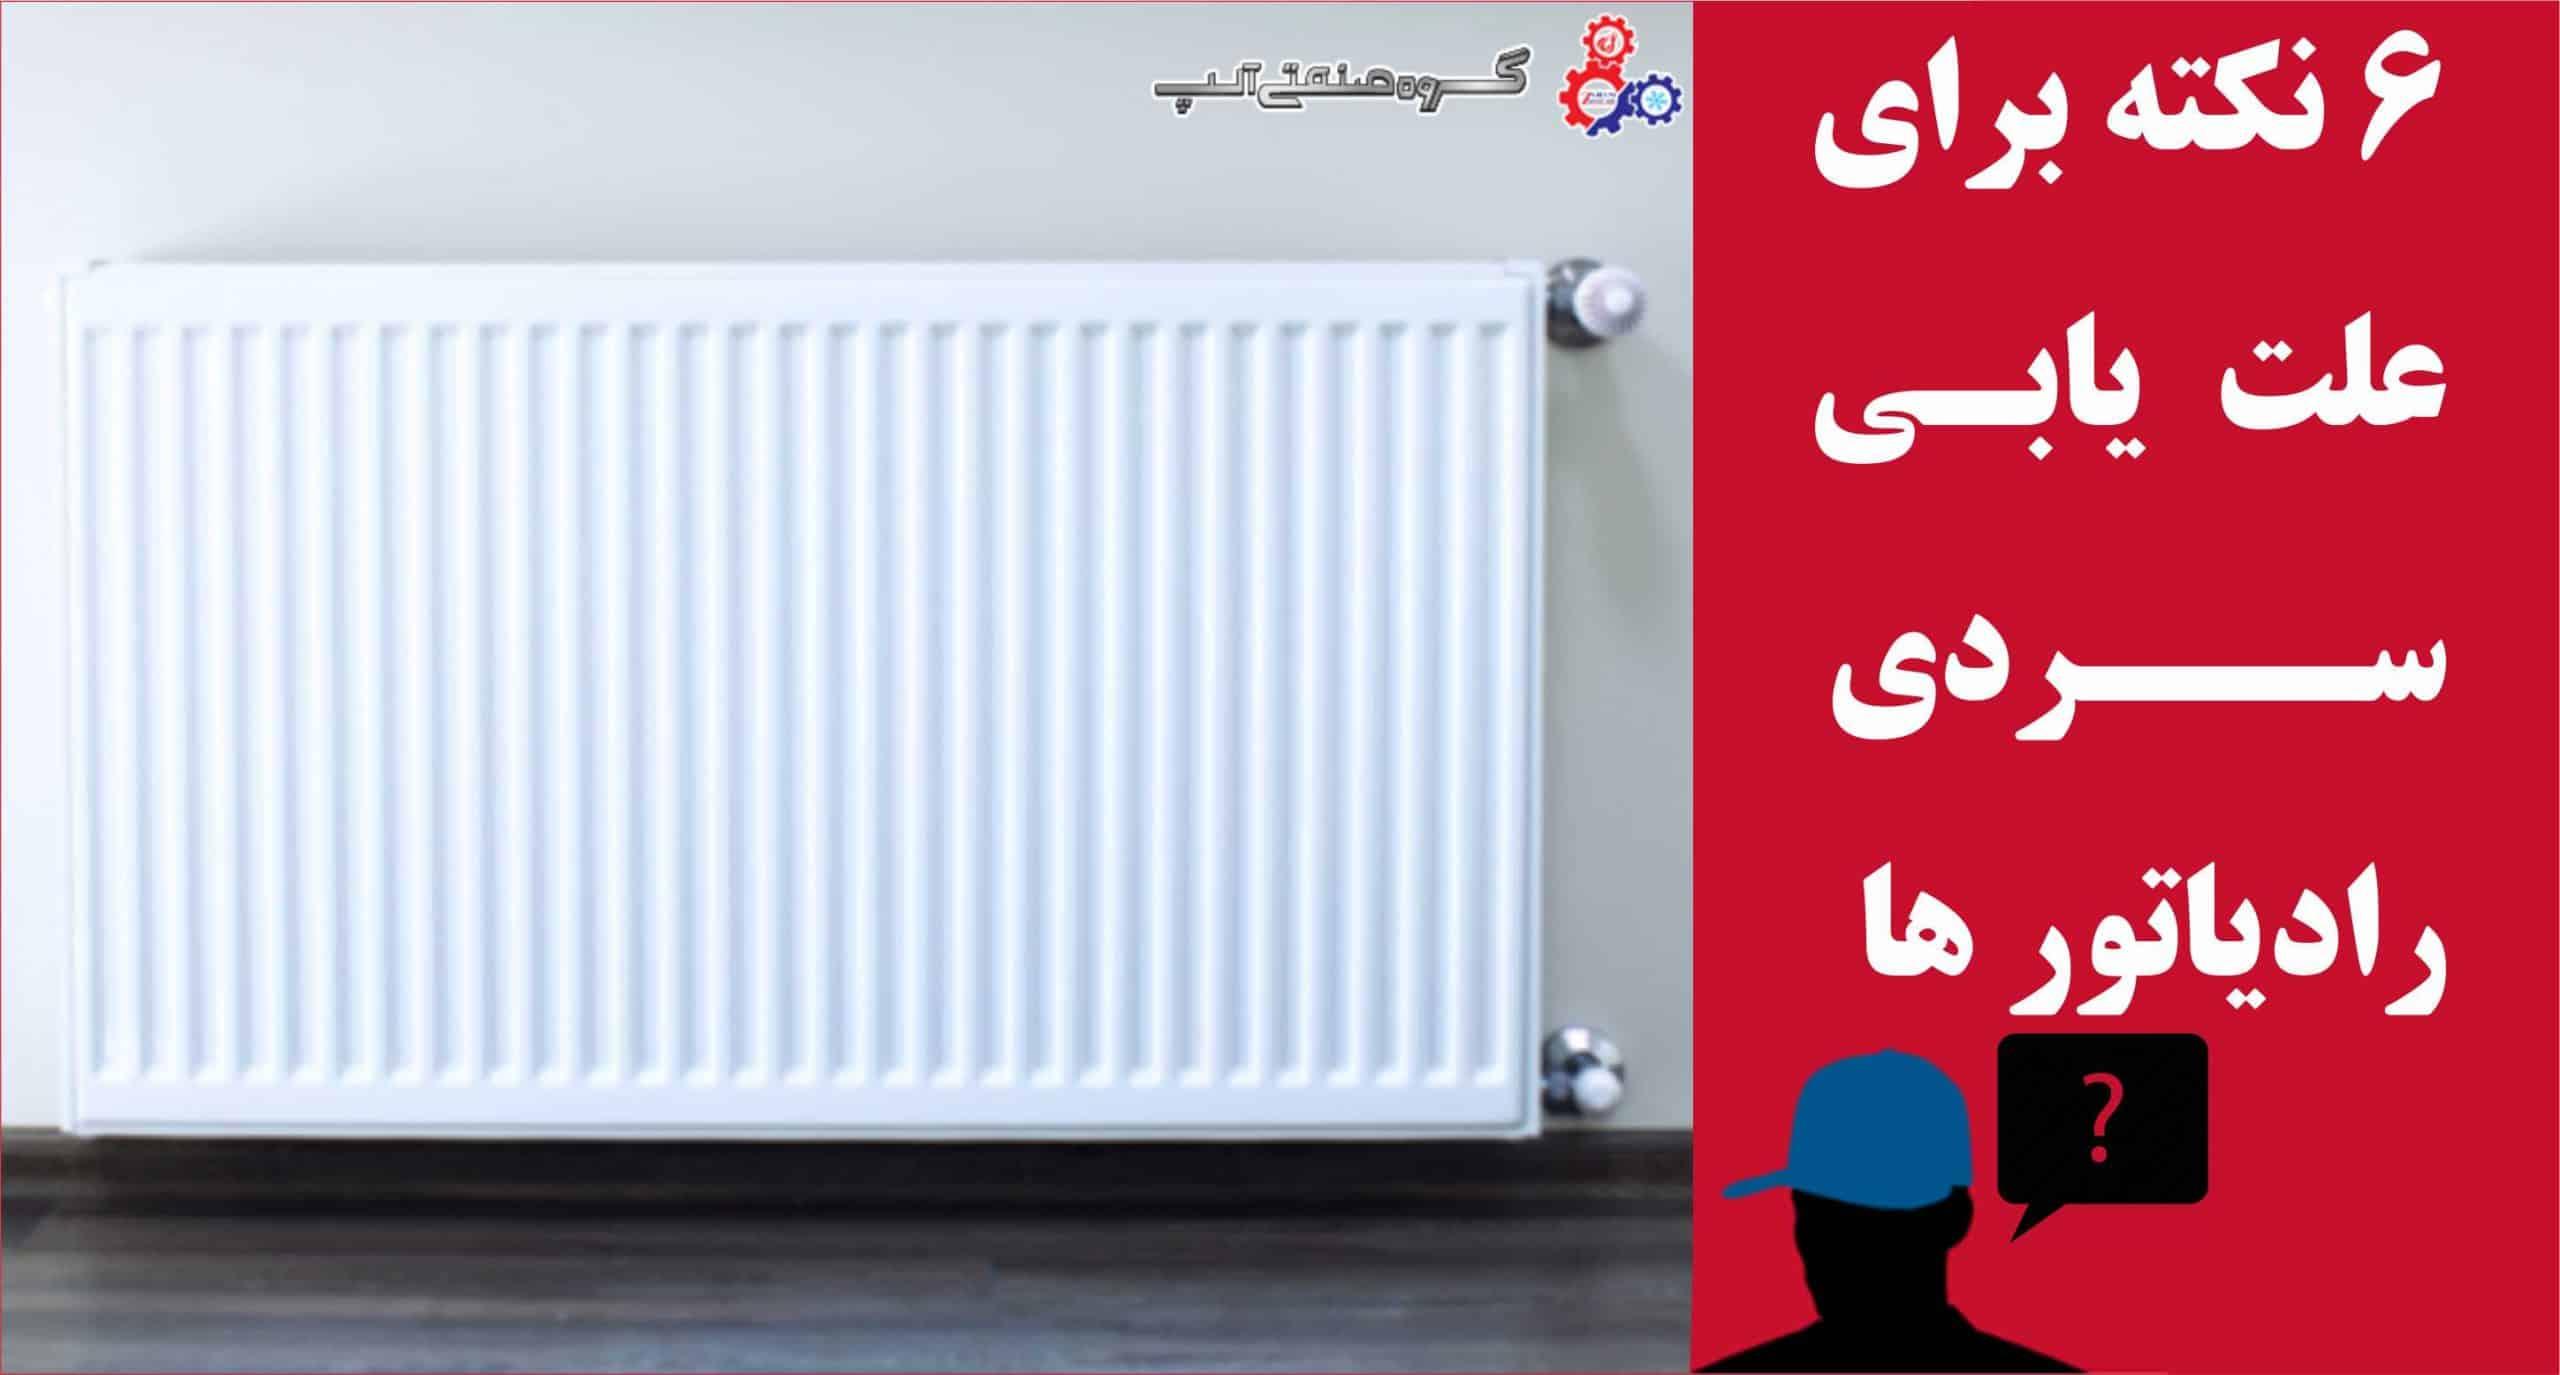 چرا رادیاتور خانهی من سرد شده؟